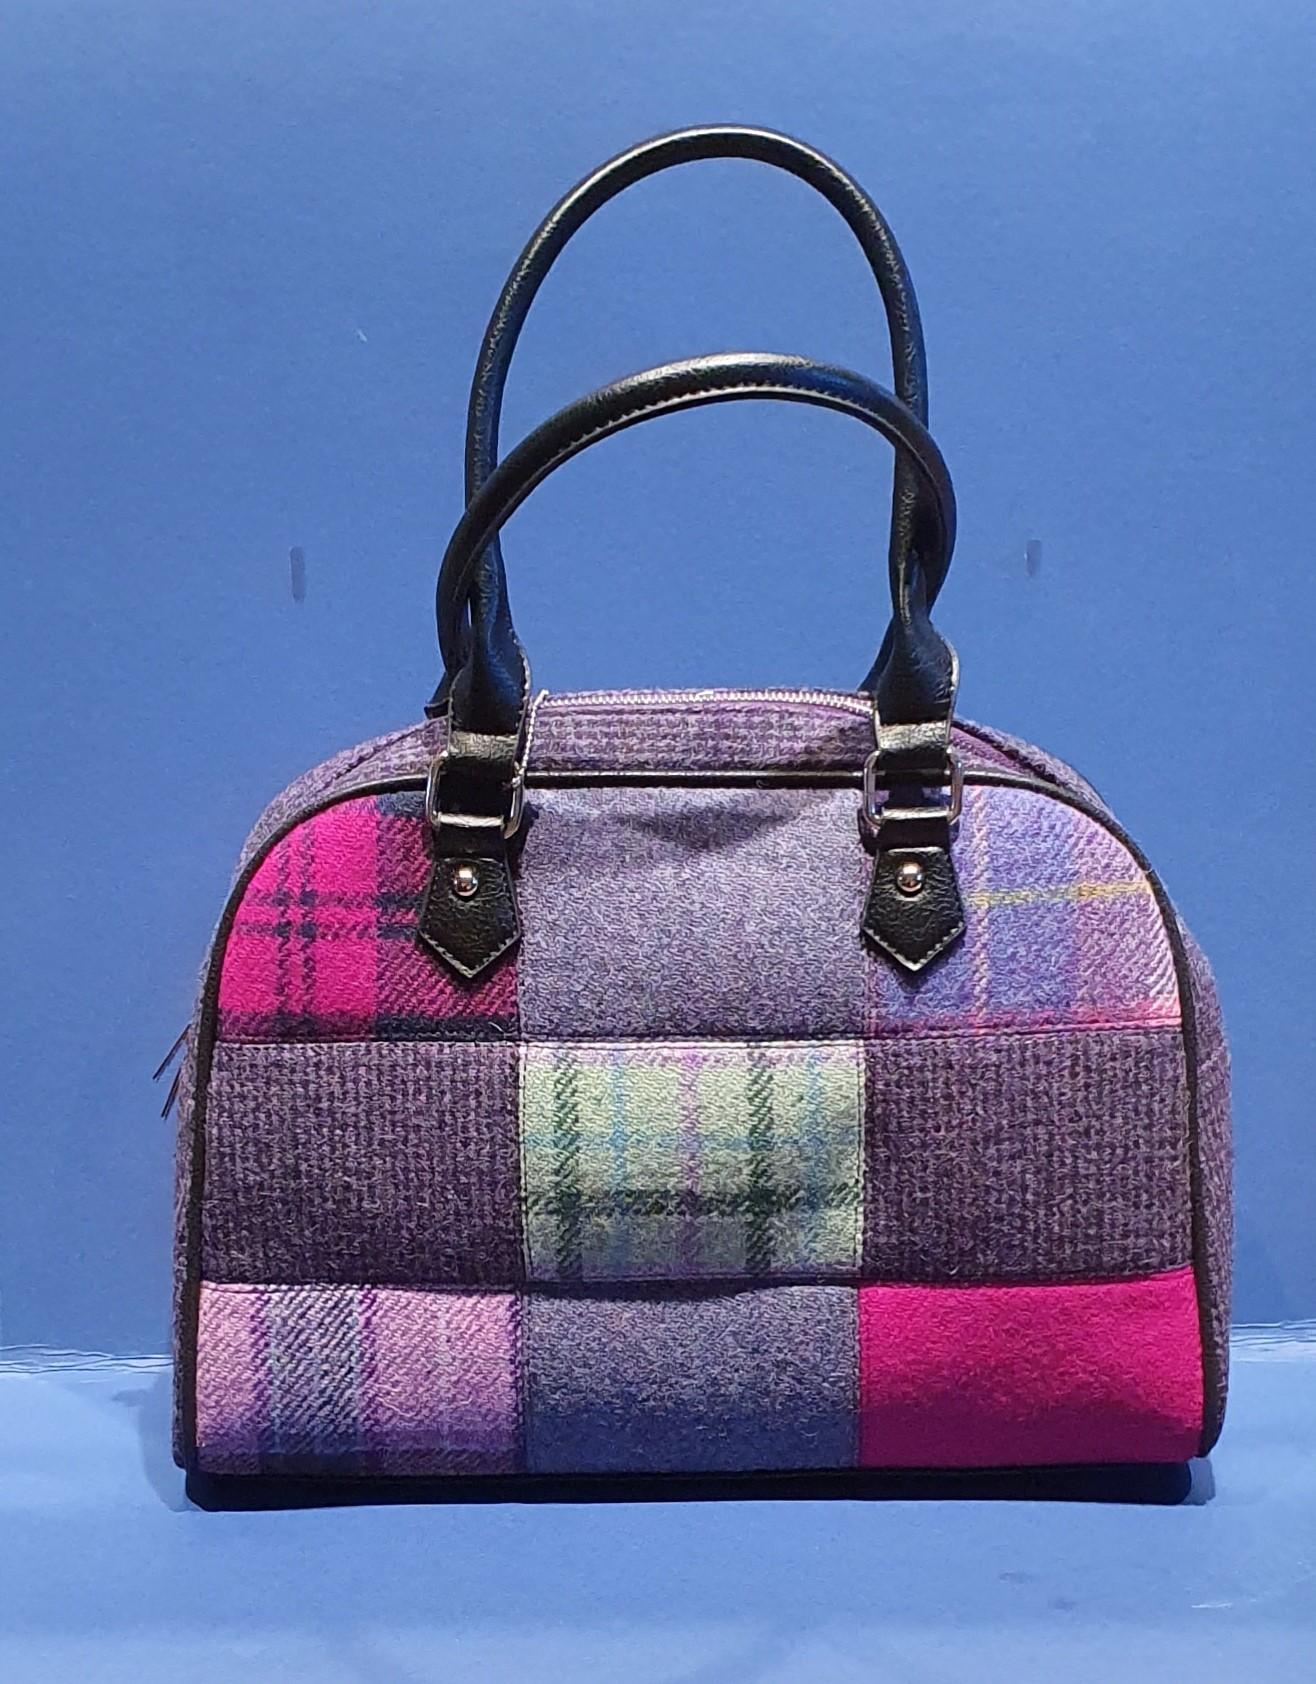 Harris Tweed Patch Bag - Nairn